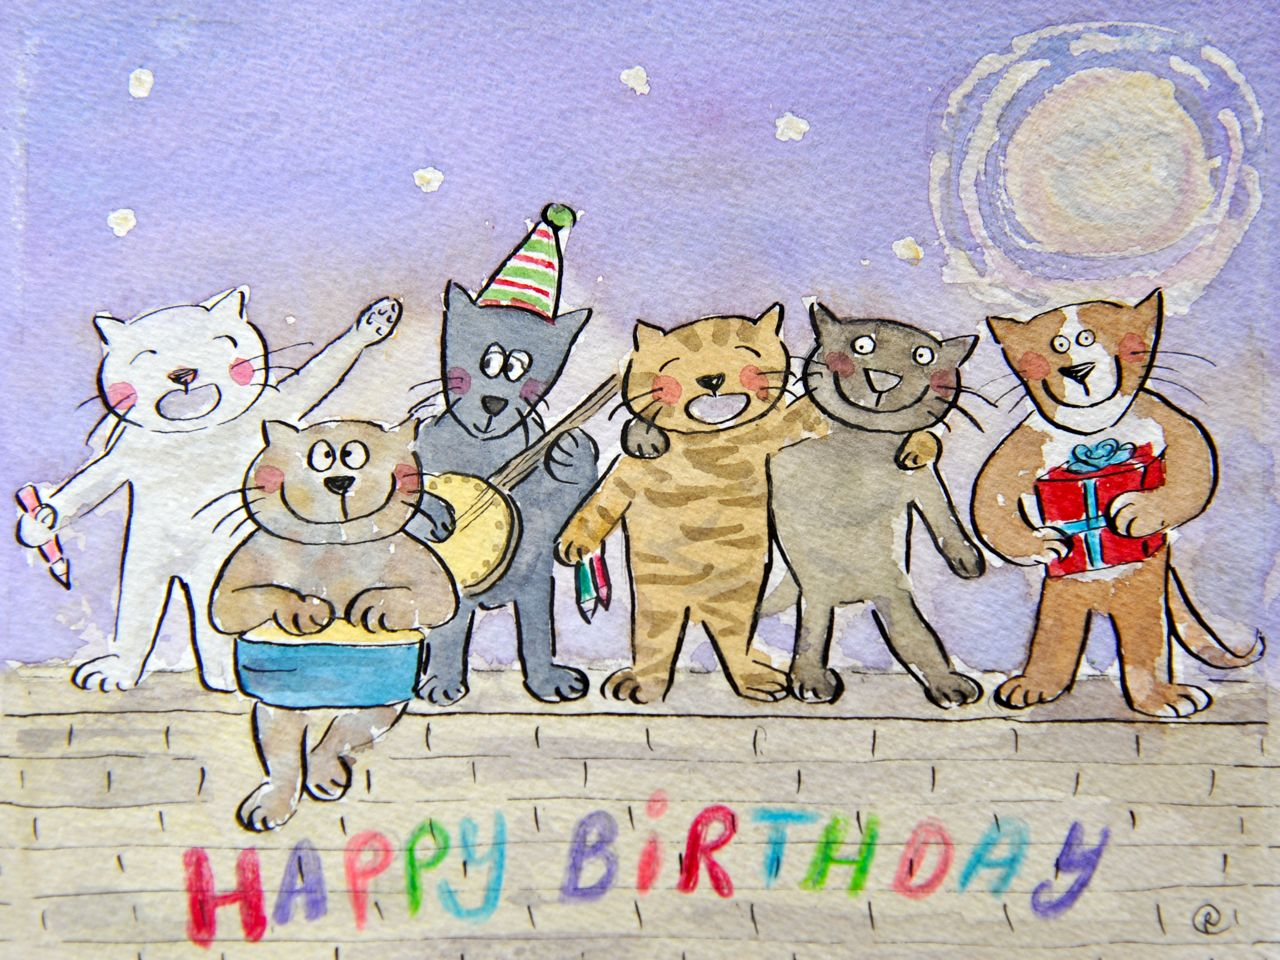 С днем рождения картинка кошки, открытки добрым